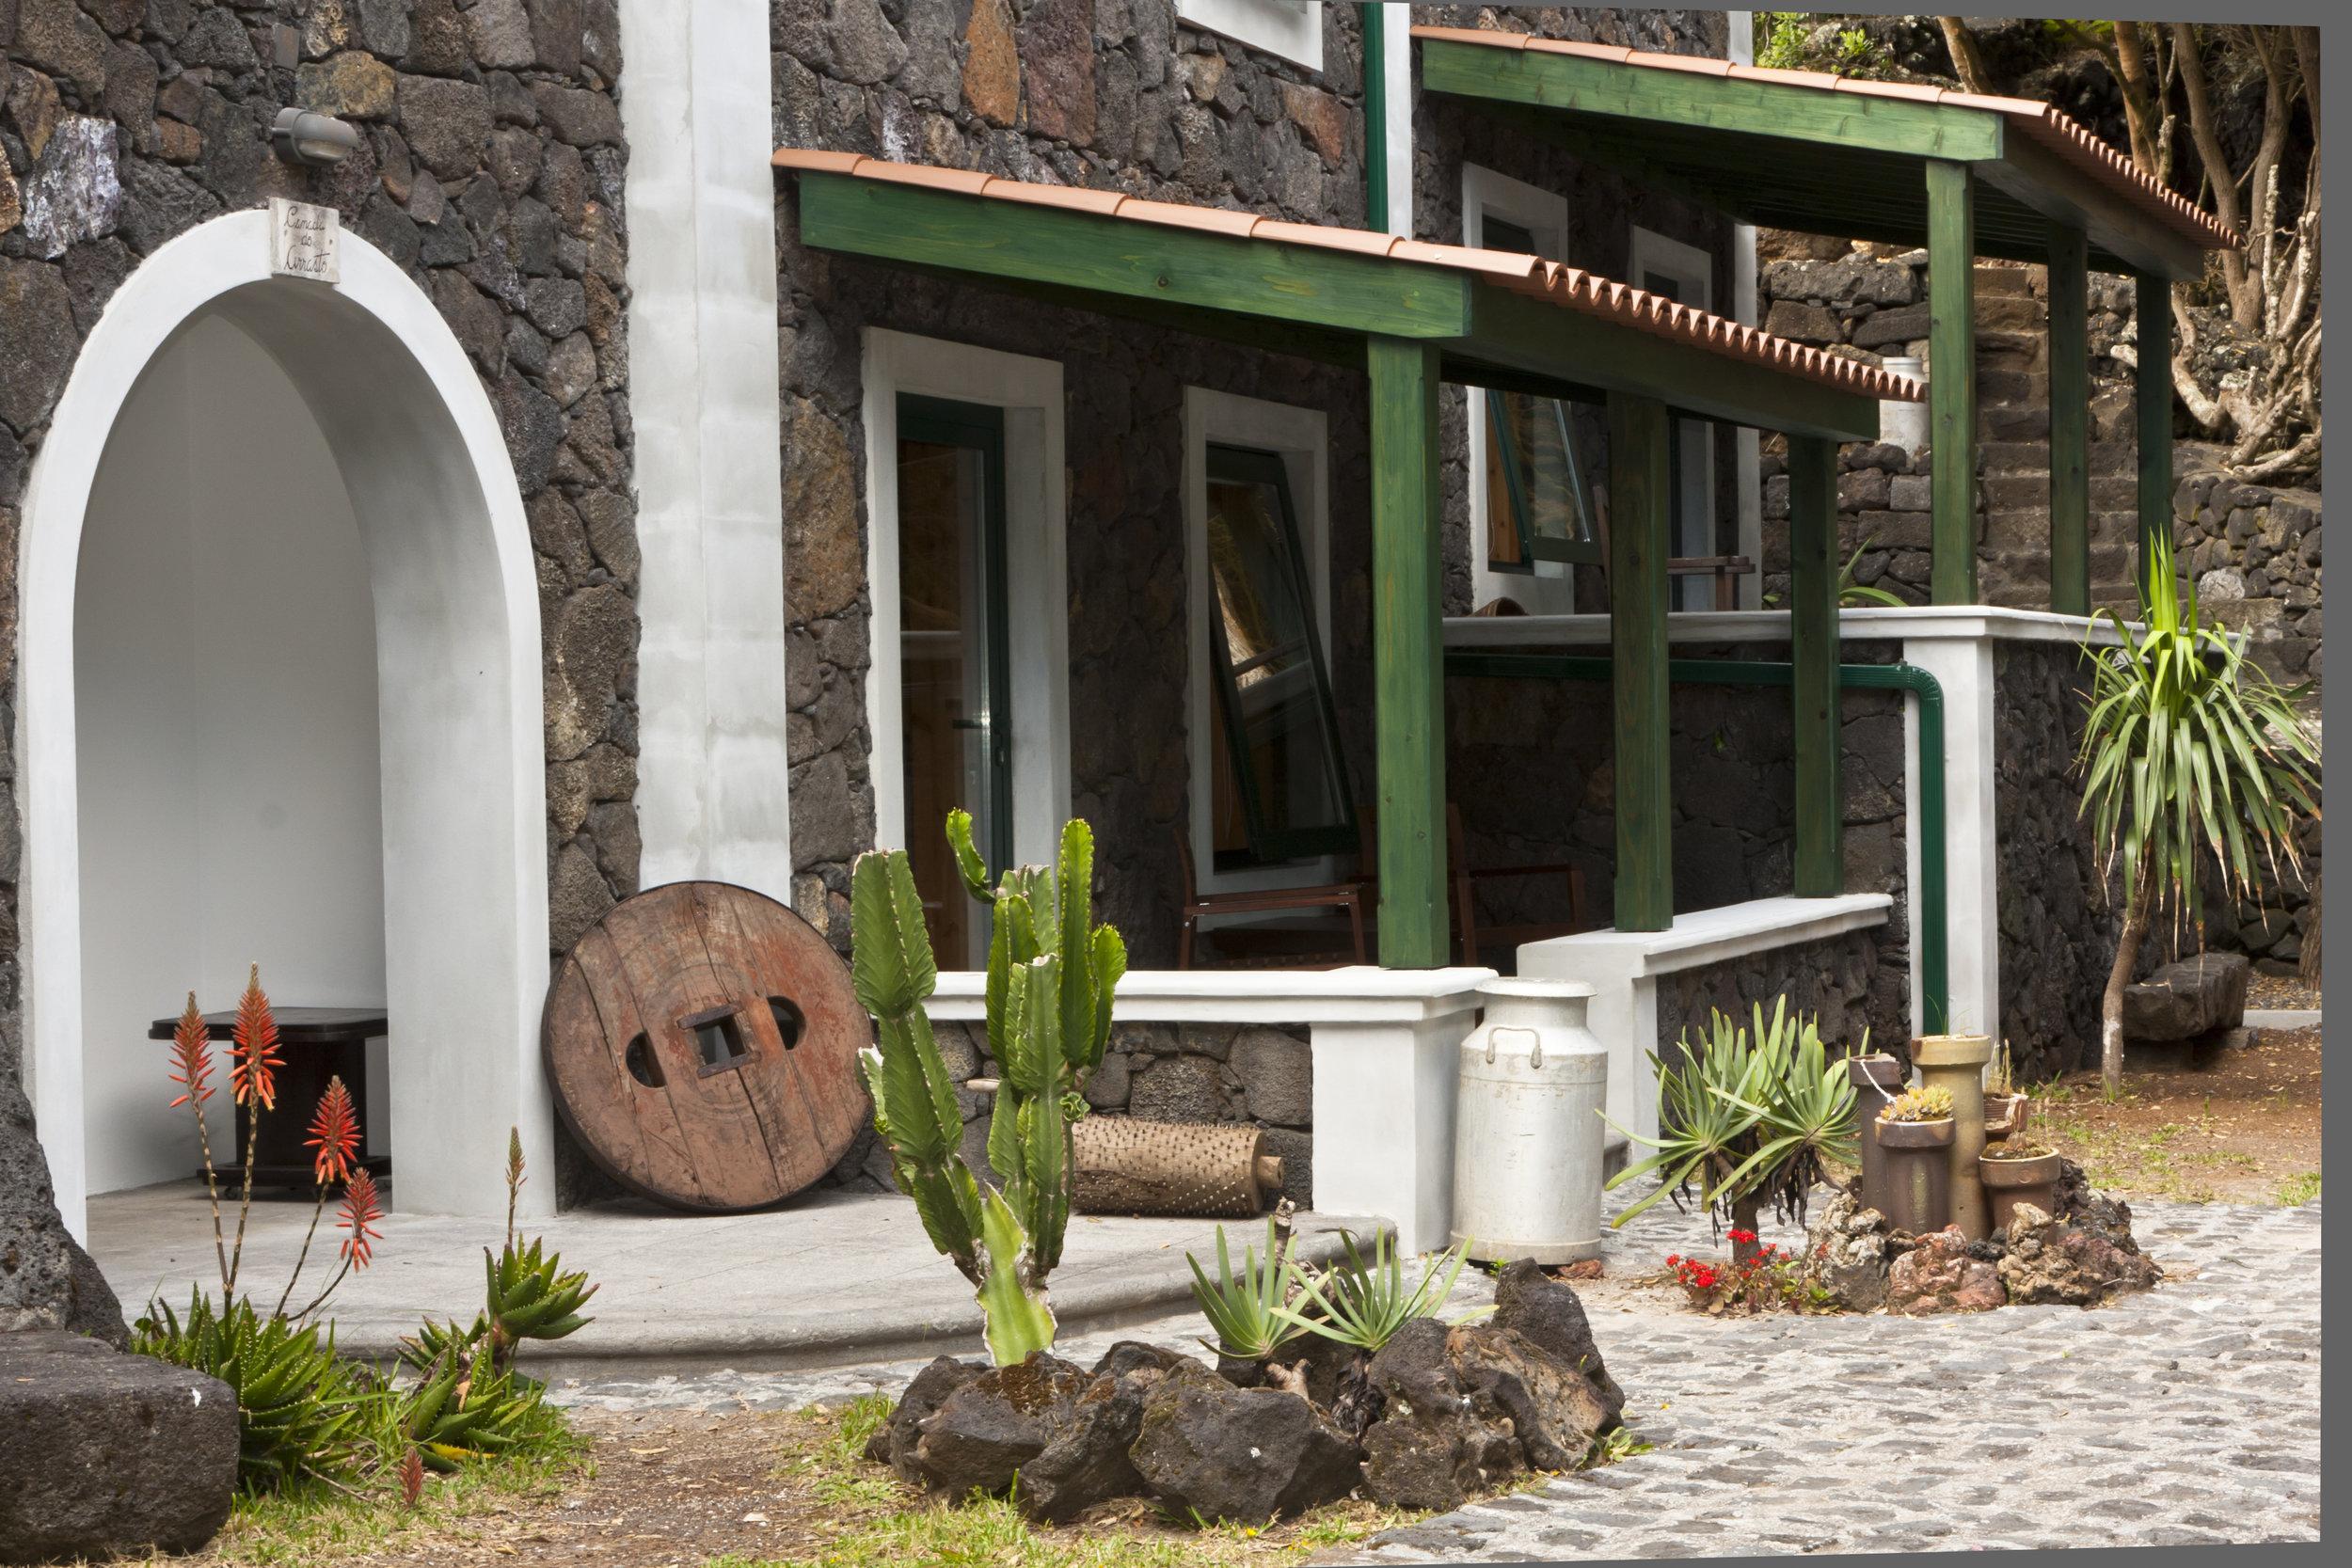 aldeia_fonte_hote_alpendre_porches.jpg